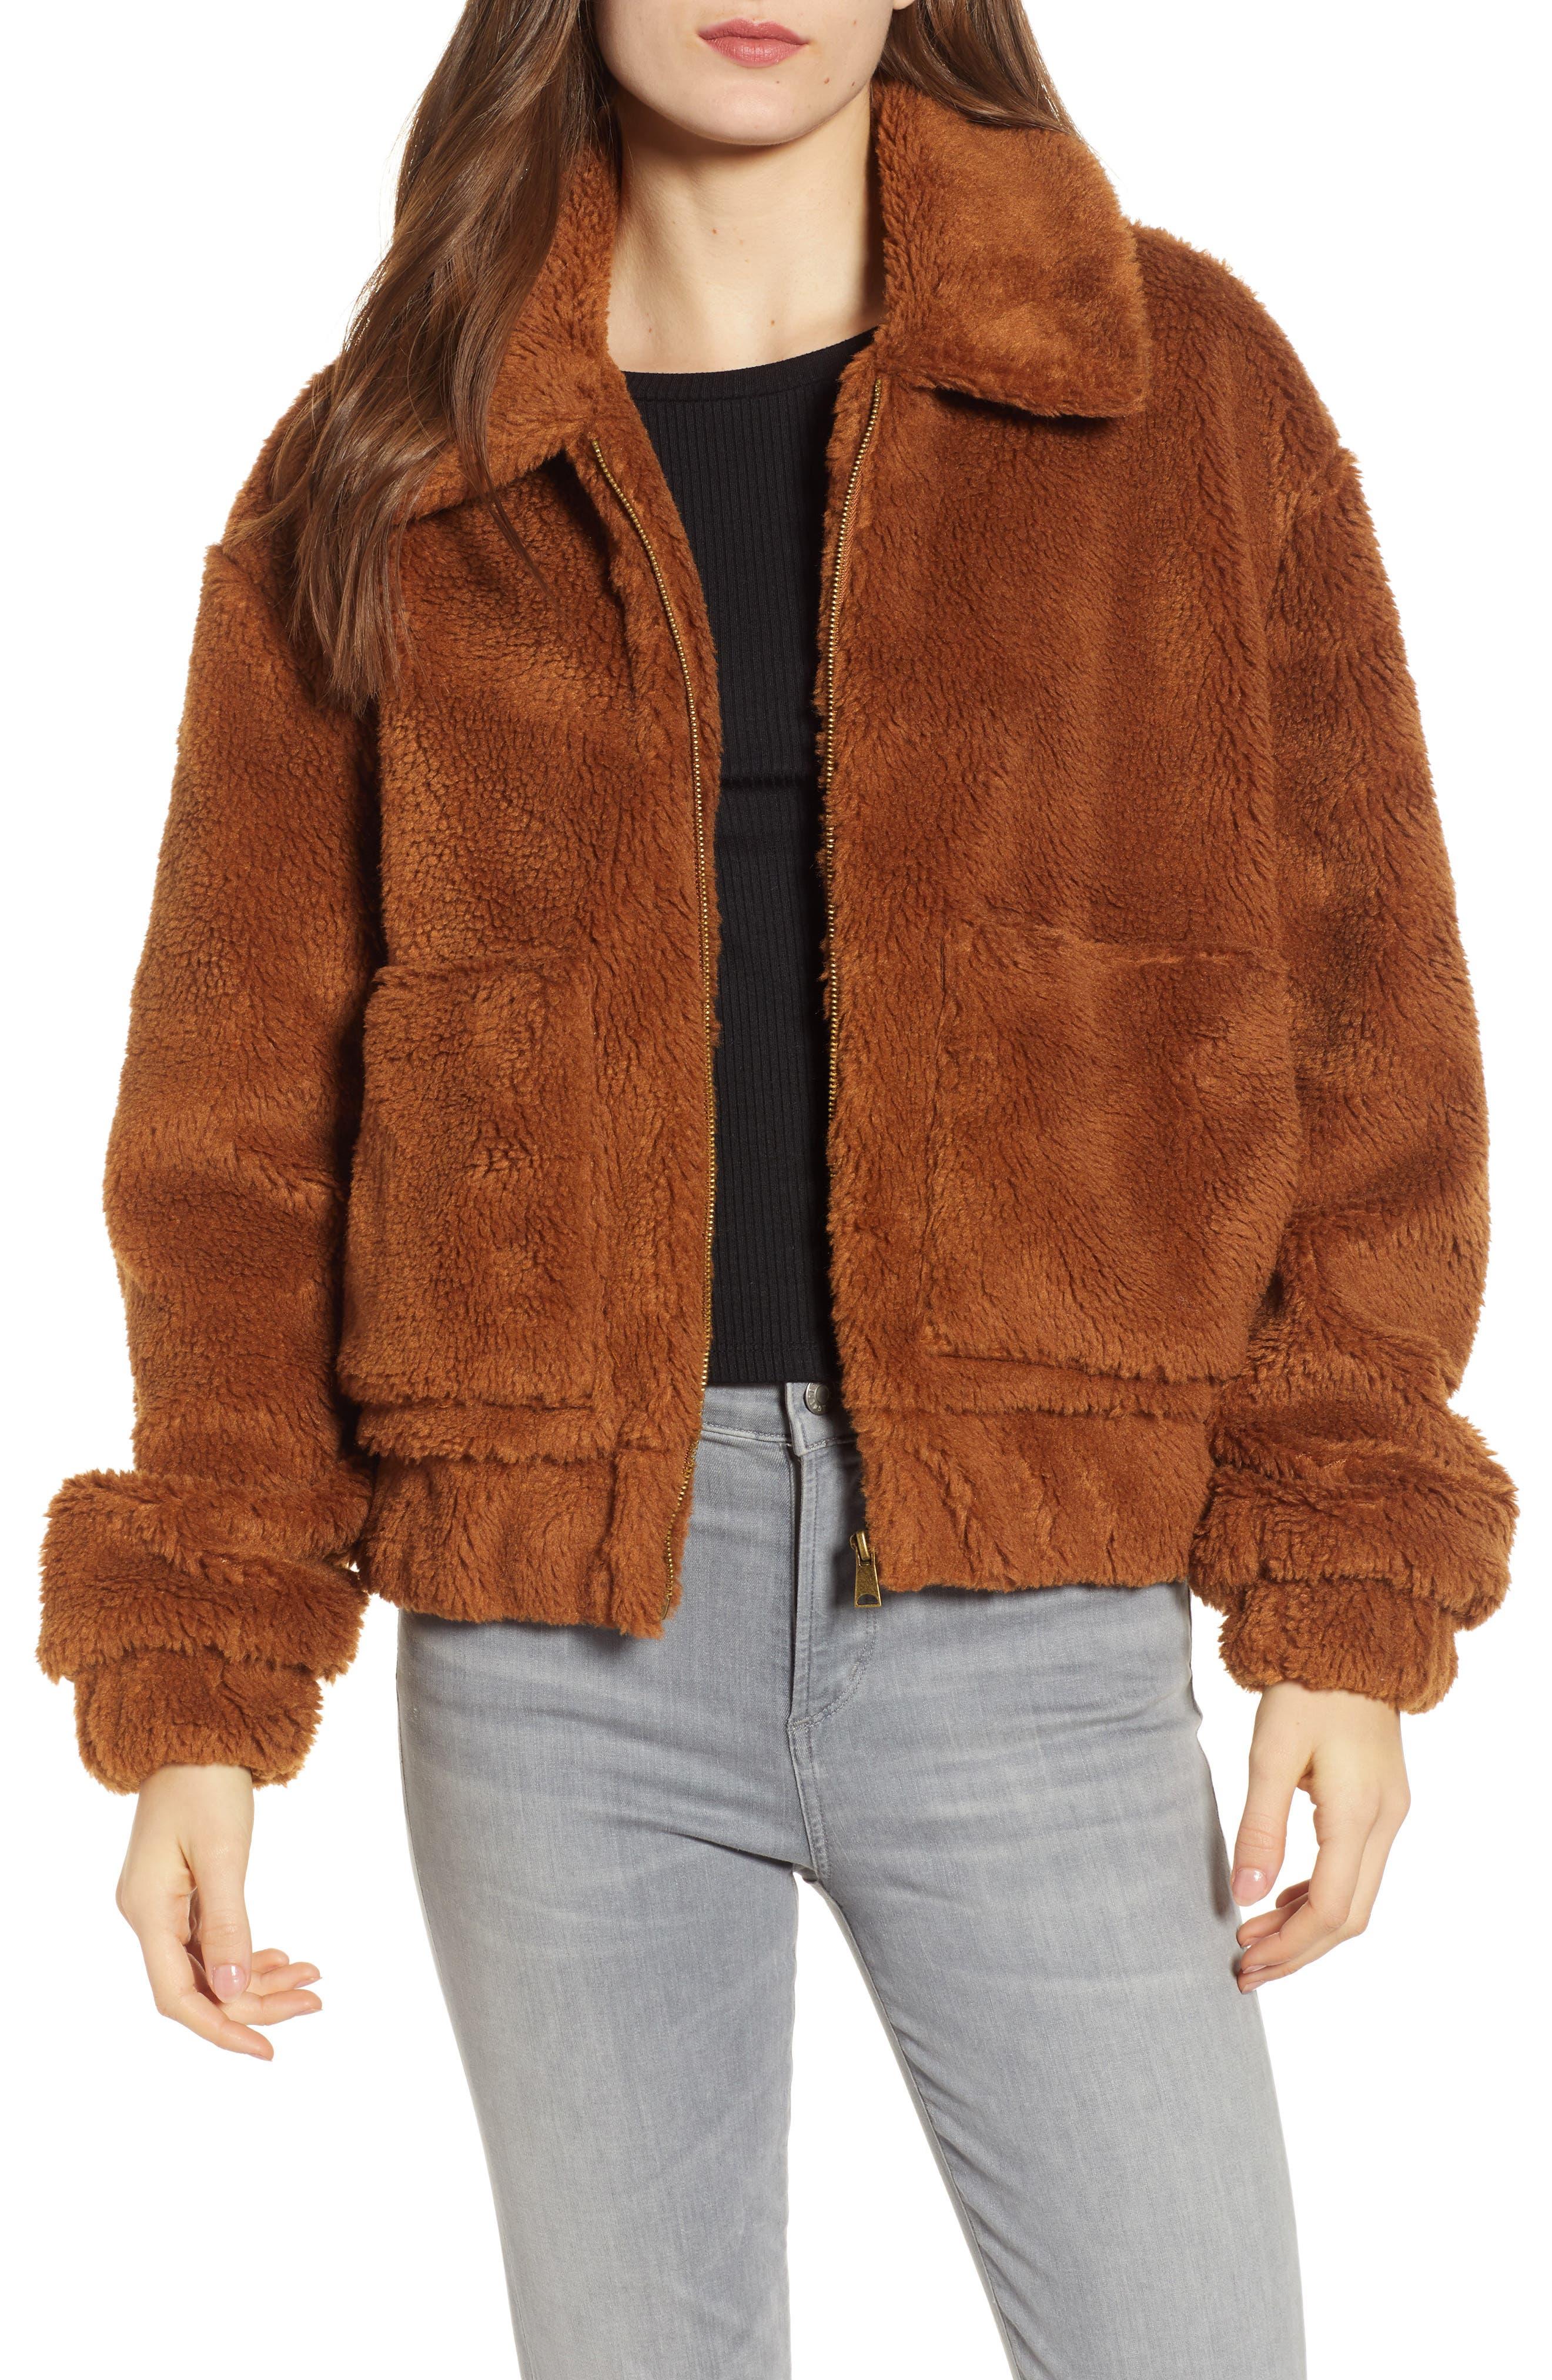 Thread & Supply Northy Faux Fur Jacket